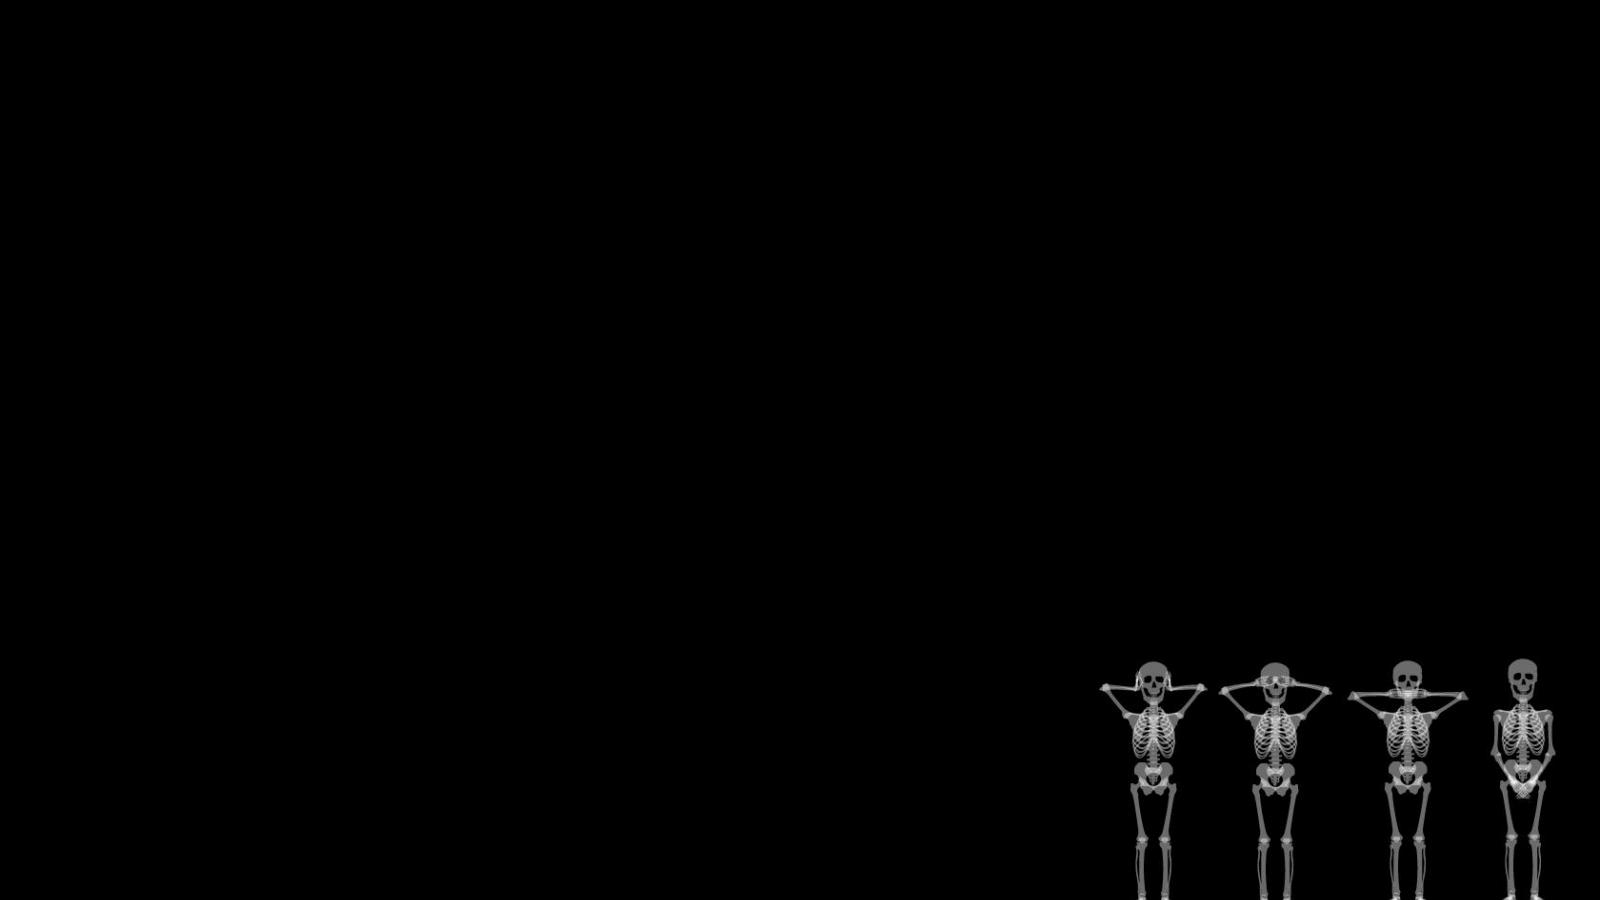 Free Download Skeleton Backgrounds Tumblr 1680x1050 For Your Desktop Mobile Tablet Explore 49 Skeleton Wallpaper Tumblr Skeleton Wallpaper Tumblr Skeleton Wallpaper Skeleton Wallpapers